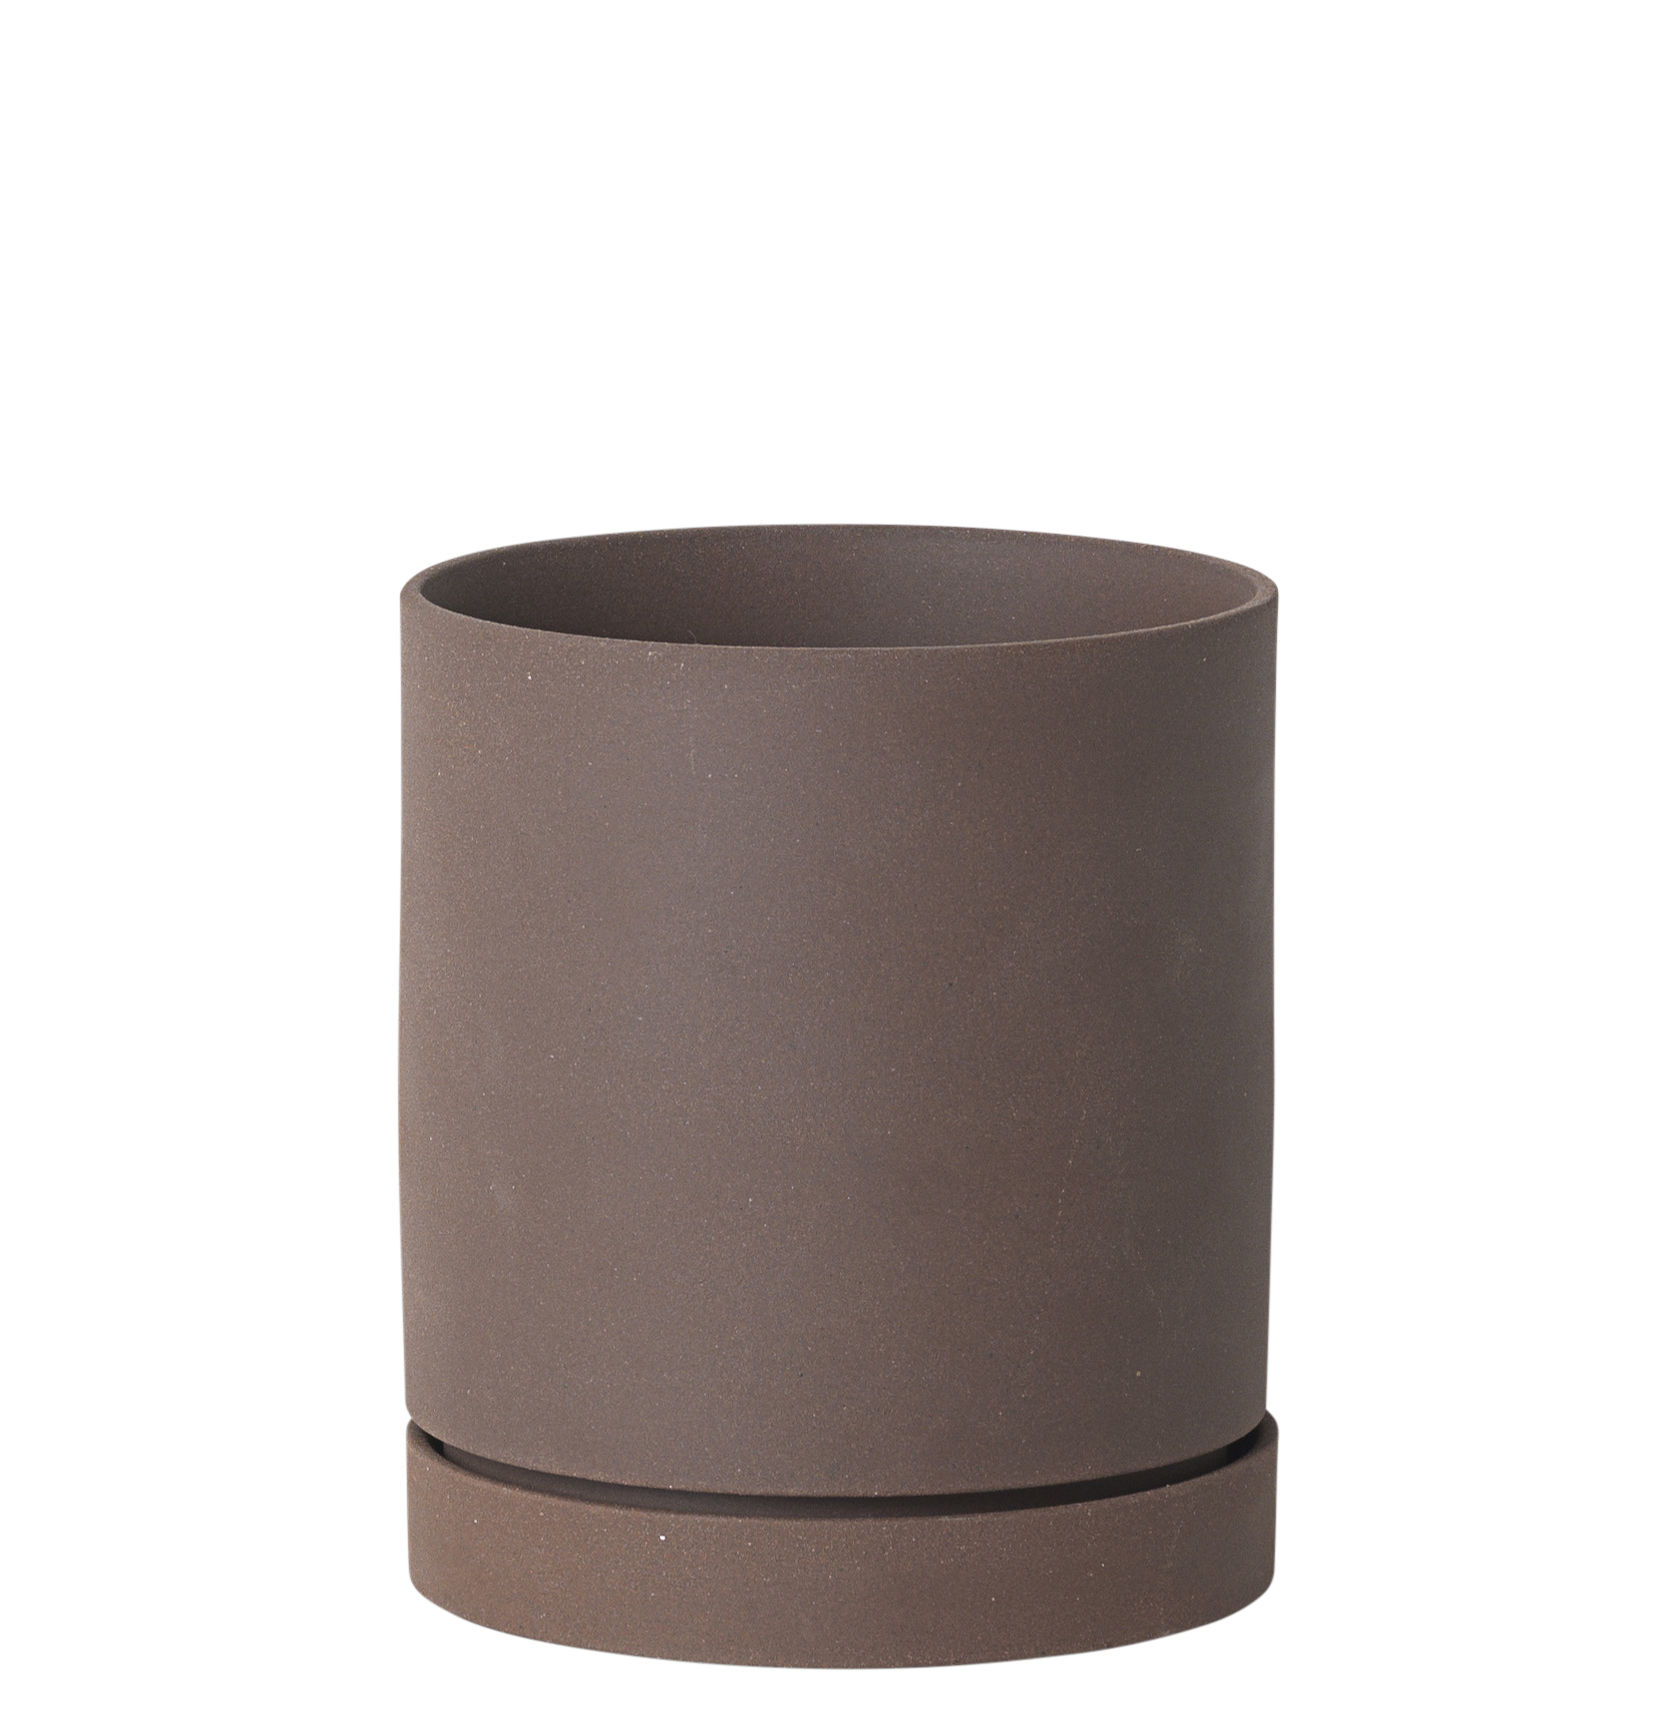 Outdoor - Pots & Plants - Sekki Medium Flowerpot - / Ø 13,5 x H 15,7 cm - Grès by Ferm Living - Rouille - Sandstone